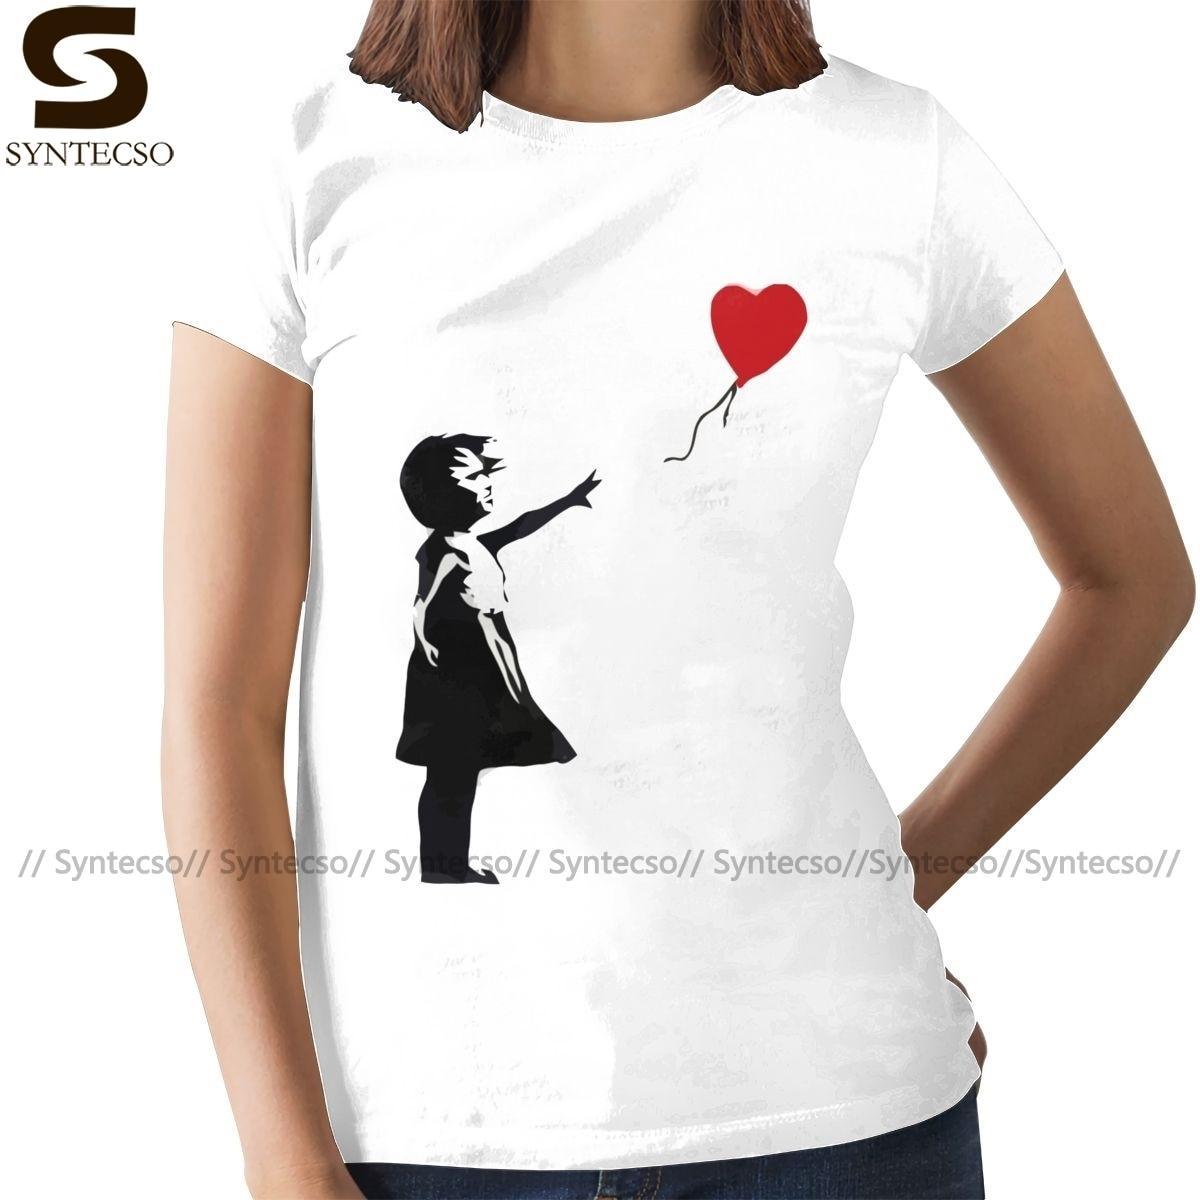 С принтом «сердце», «любовь футболка Бэнкси девушка с воздушным шаром Футболка модная фиолетовая женская футболка хлопок Графические Женс...